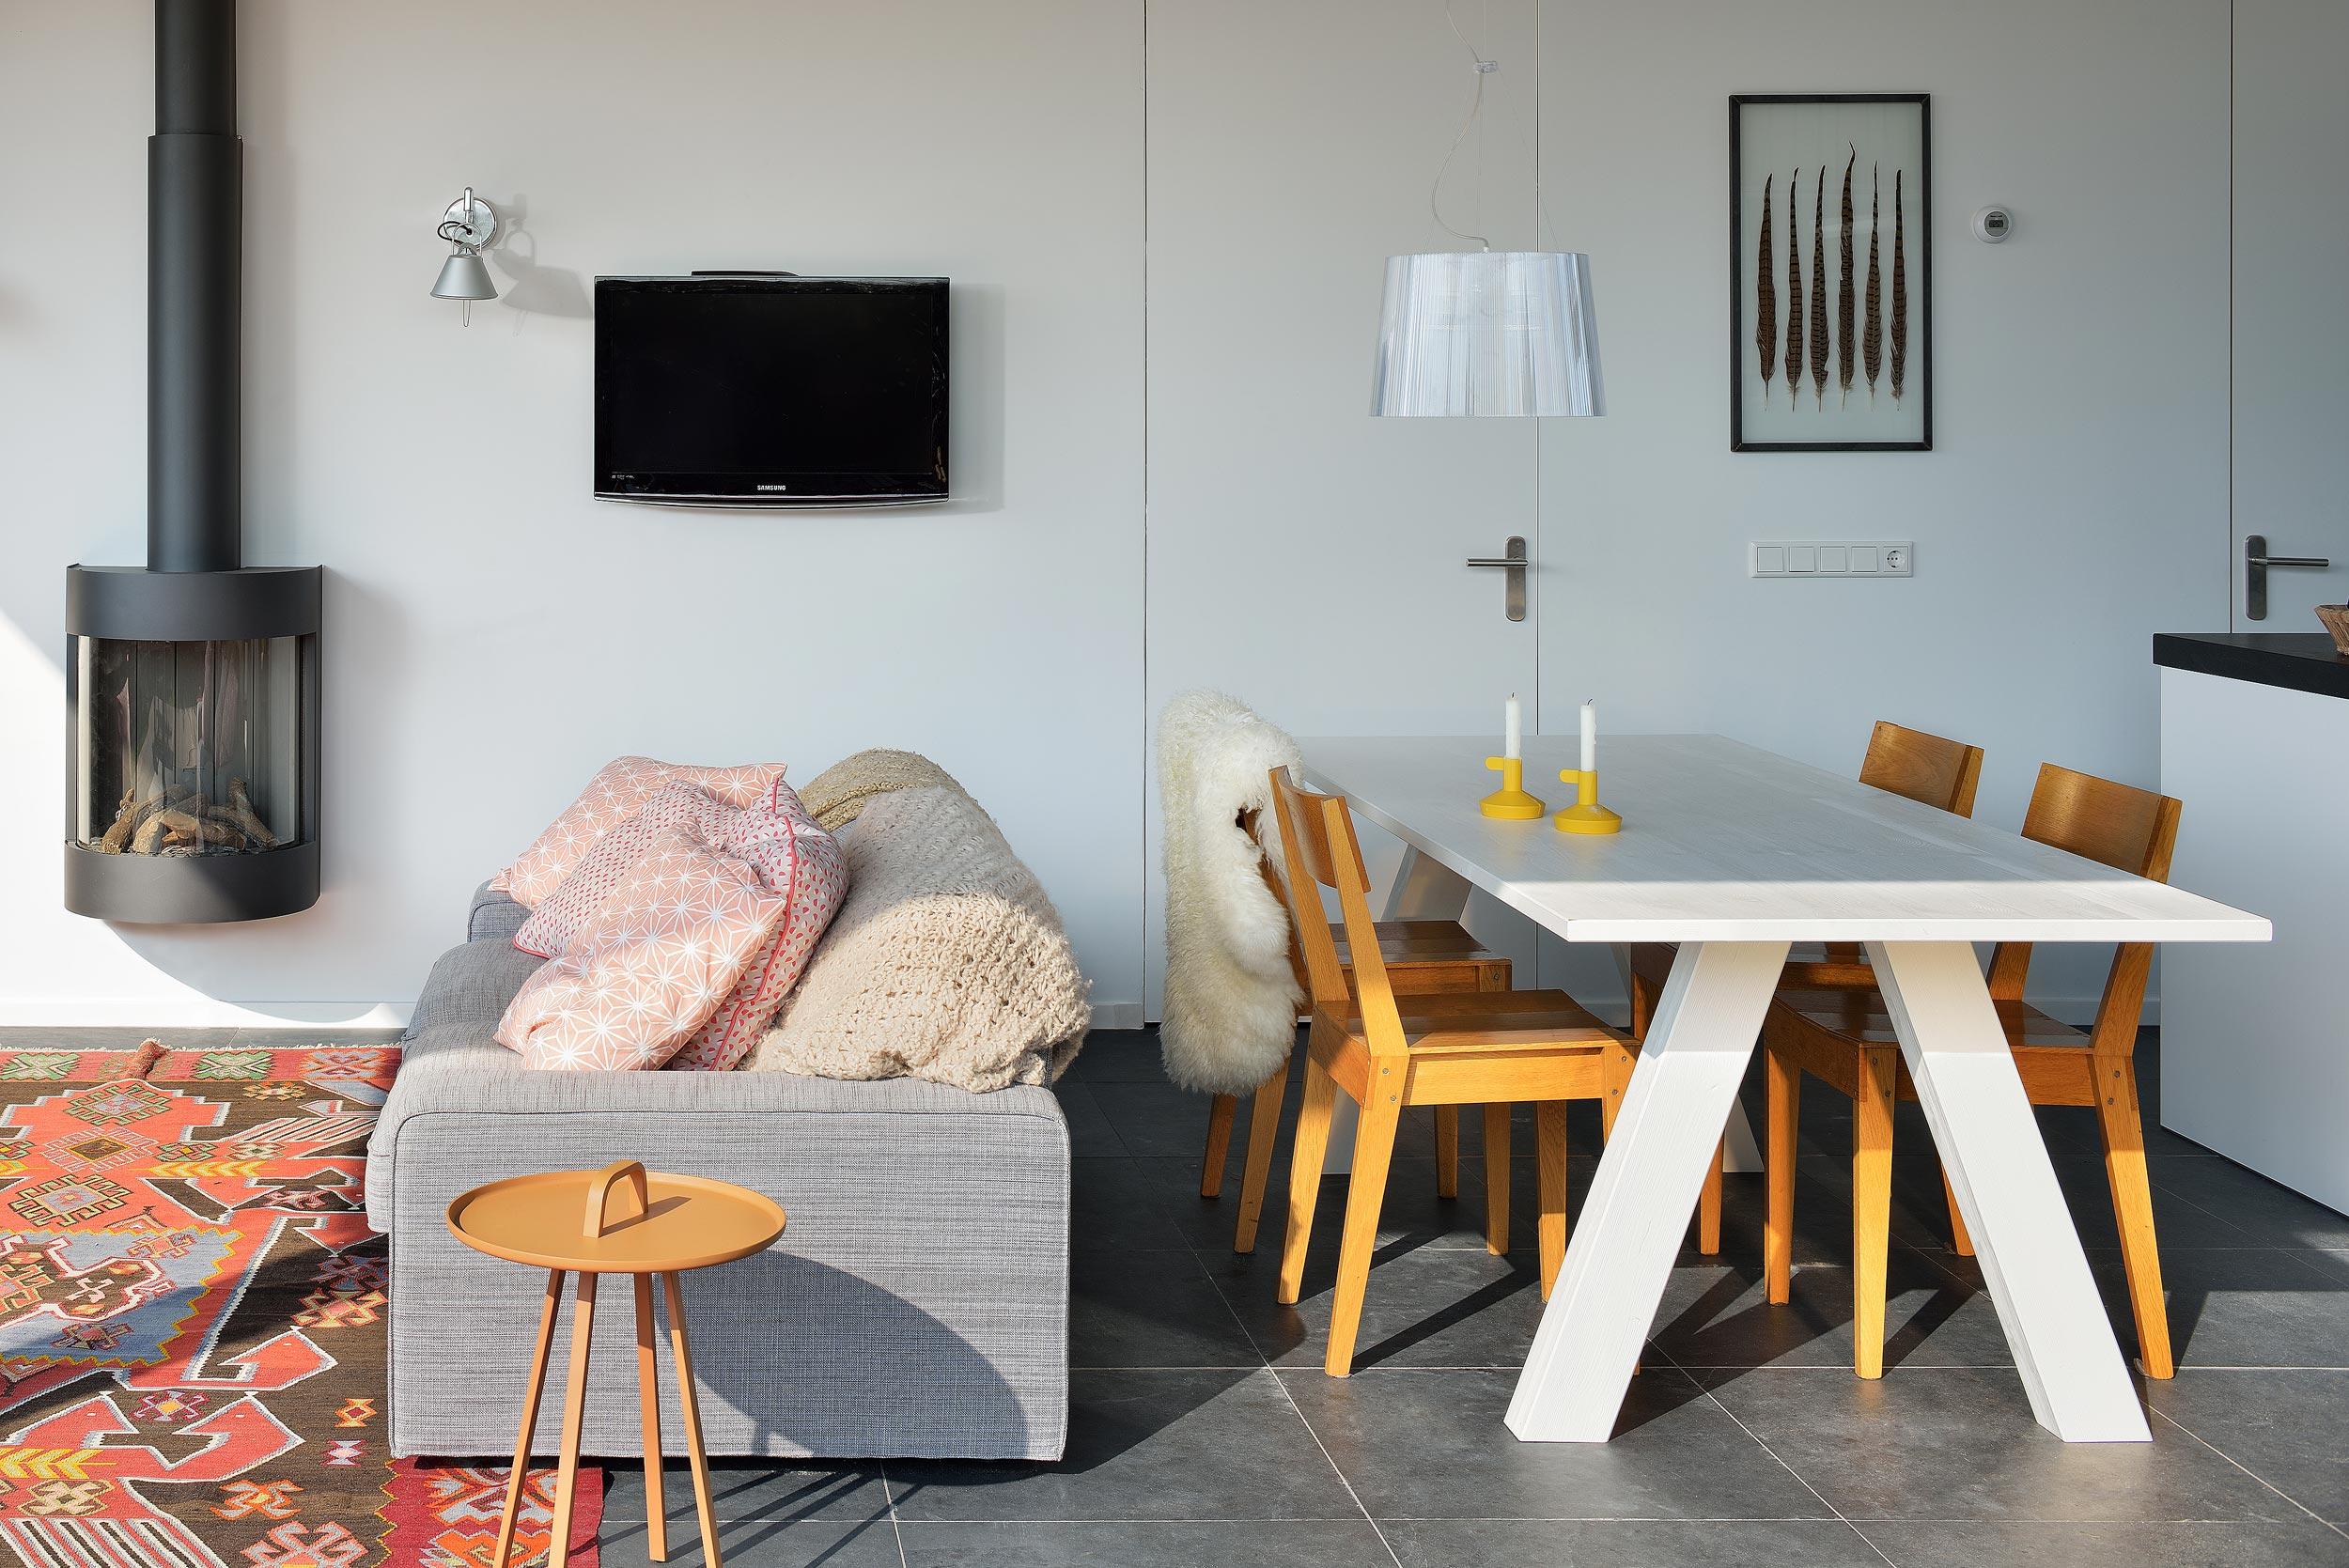 Vakantiewoning Vlieland - door interieurfotograaf Chiel de Nooyer